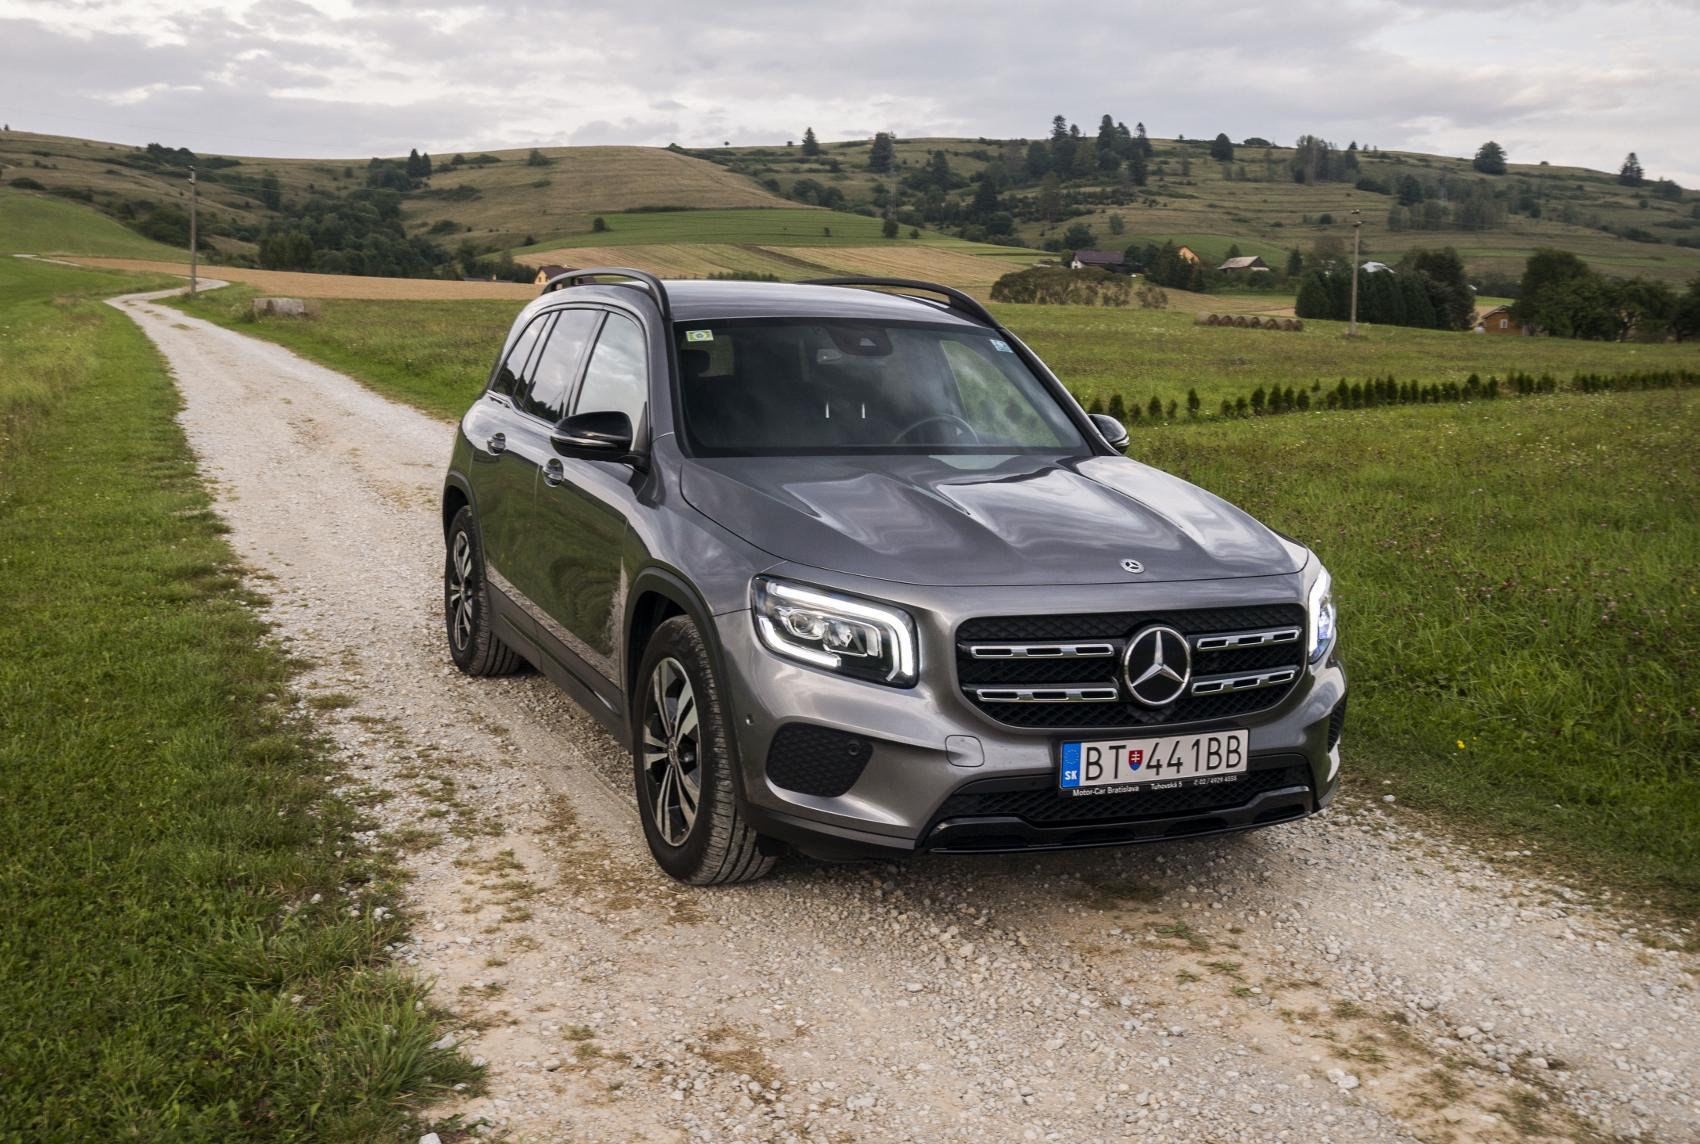 Test: Mercedes GLB 200 ponúka veľký priestor v malom balení mG9VxJDKdM mercedes-glb-05-1700x1144